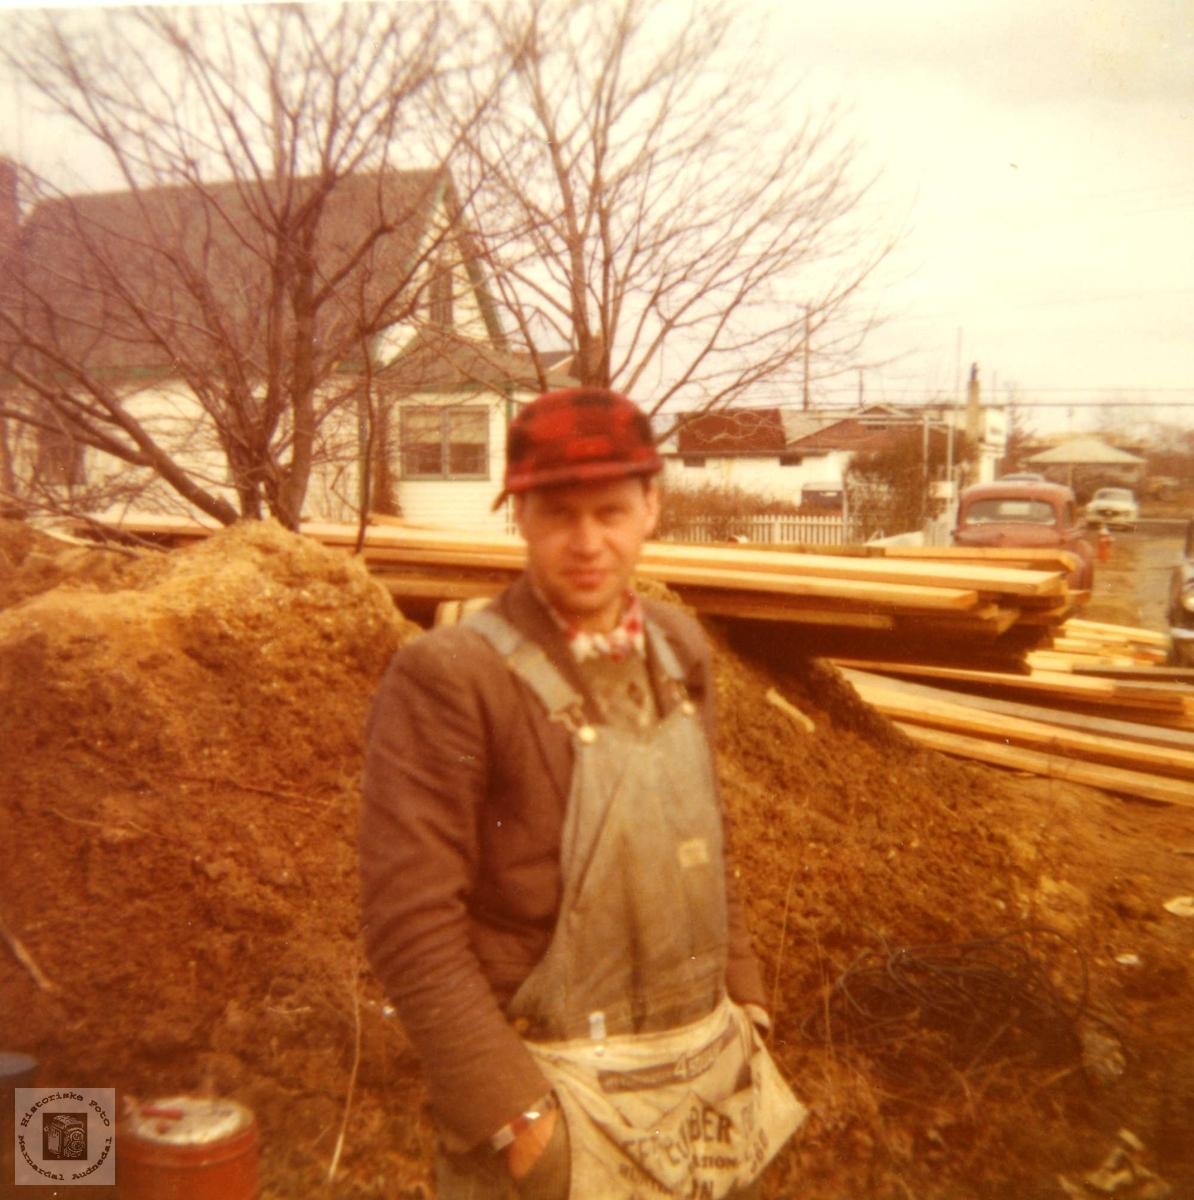 Bygningsarbeider Bjørn Breilid fra Bjelland på jobb i USA.